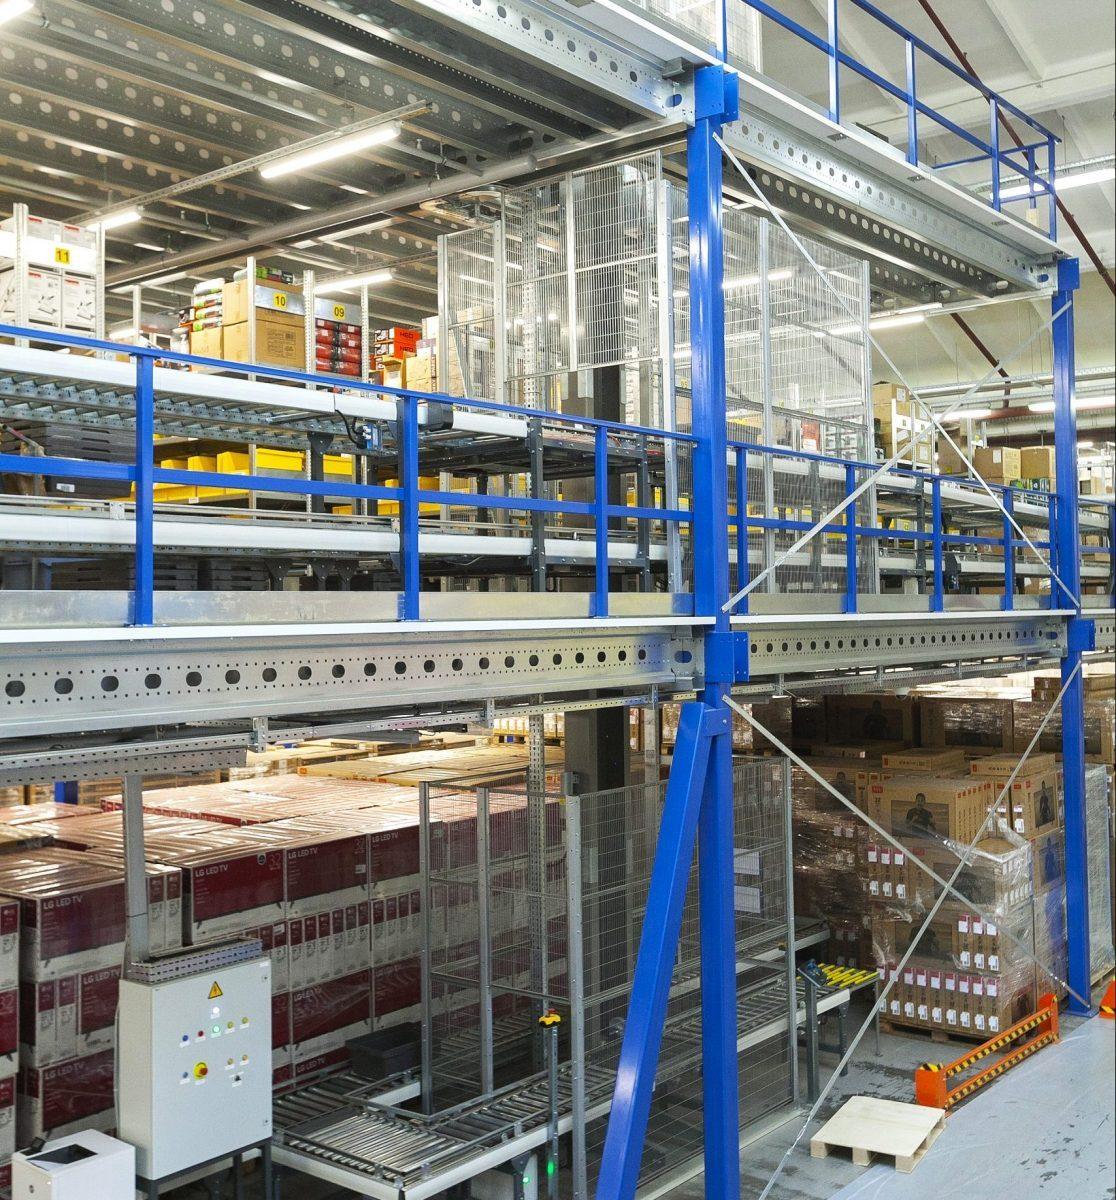 Warehouse platforms and mezzanines - 8 - kapelou.com